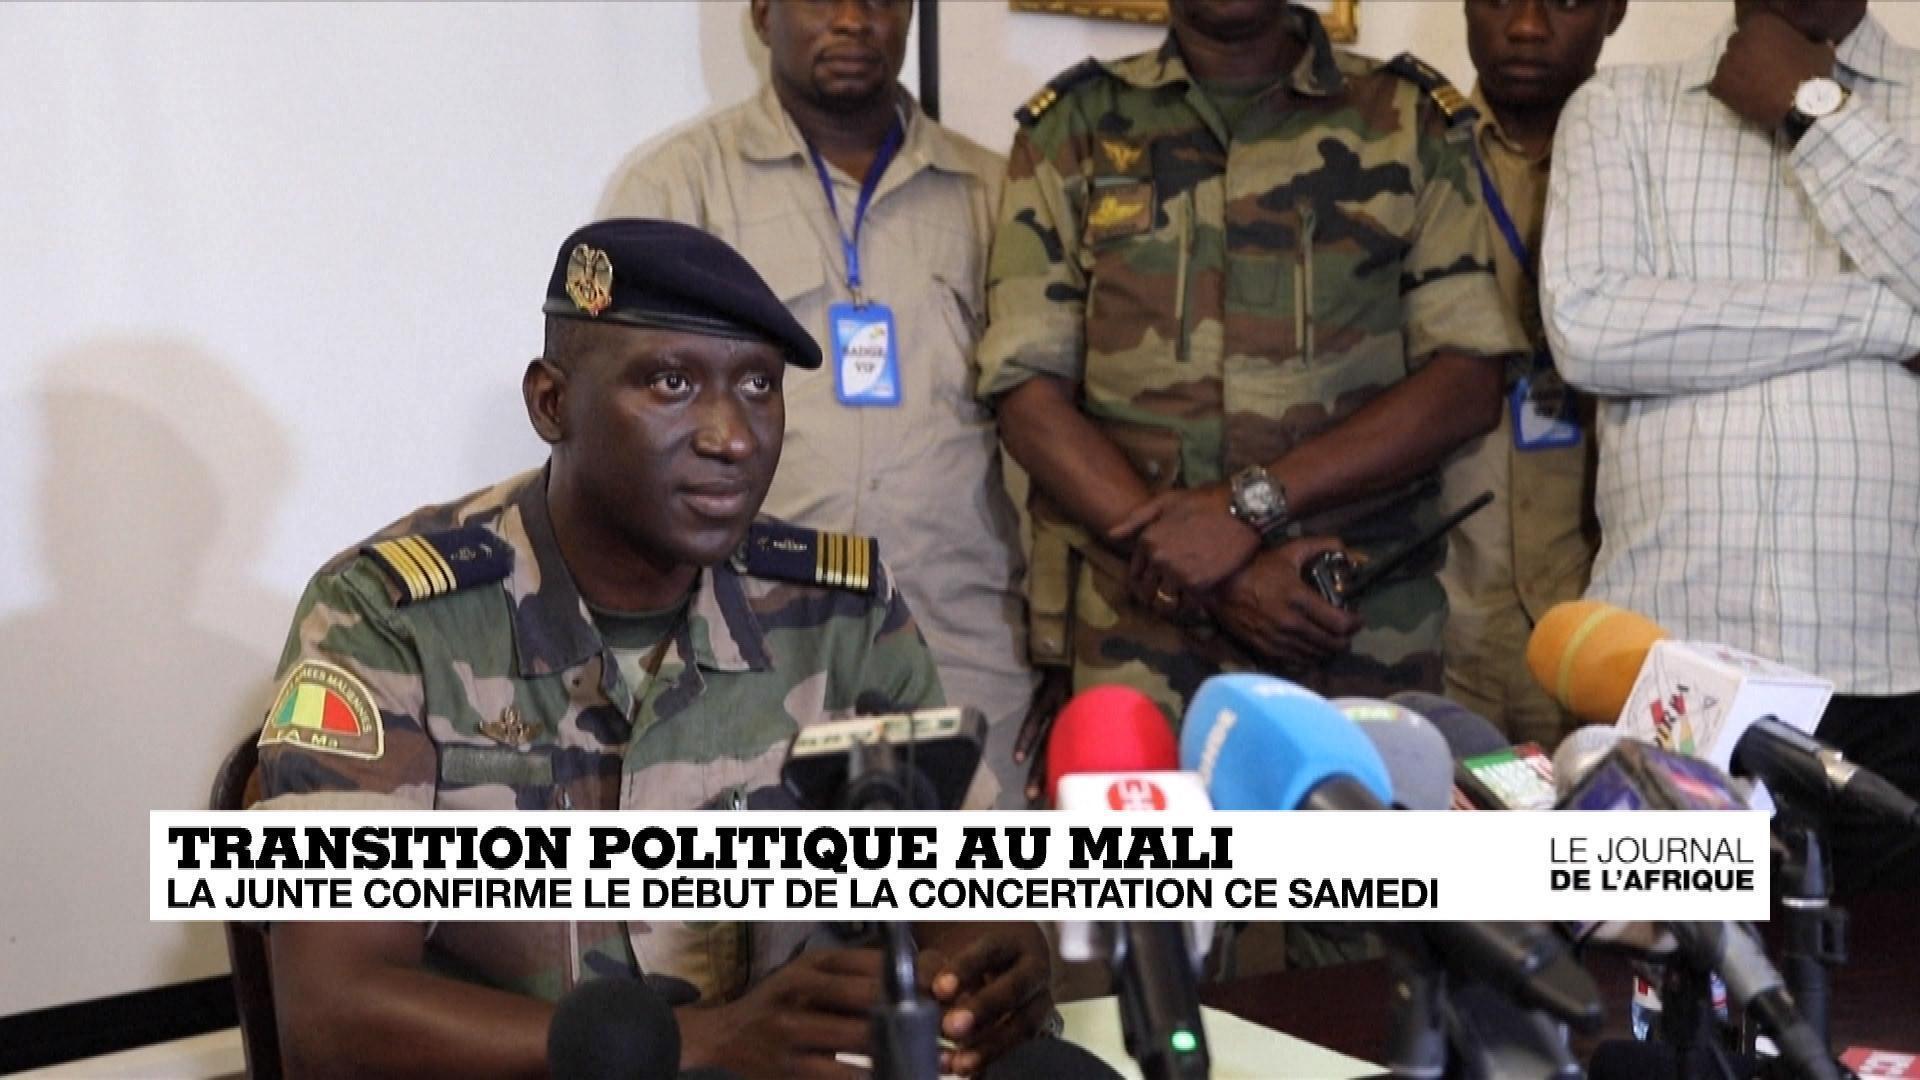 2020-09-04 22:44 LE JOURNAL DE L'AFRIQUE